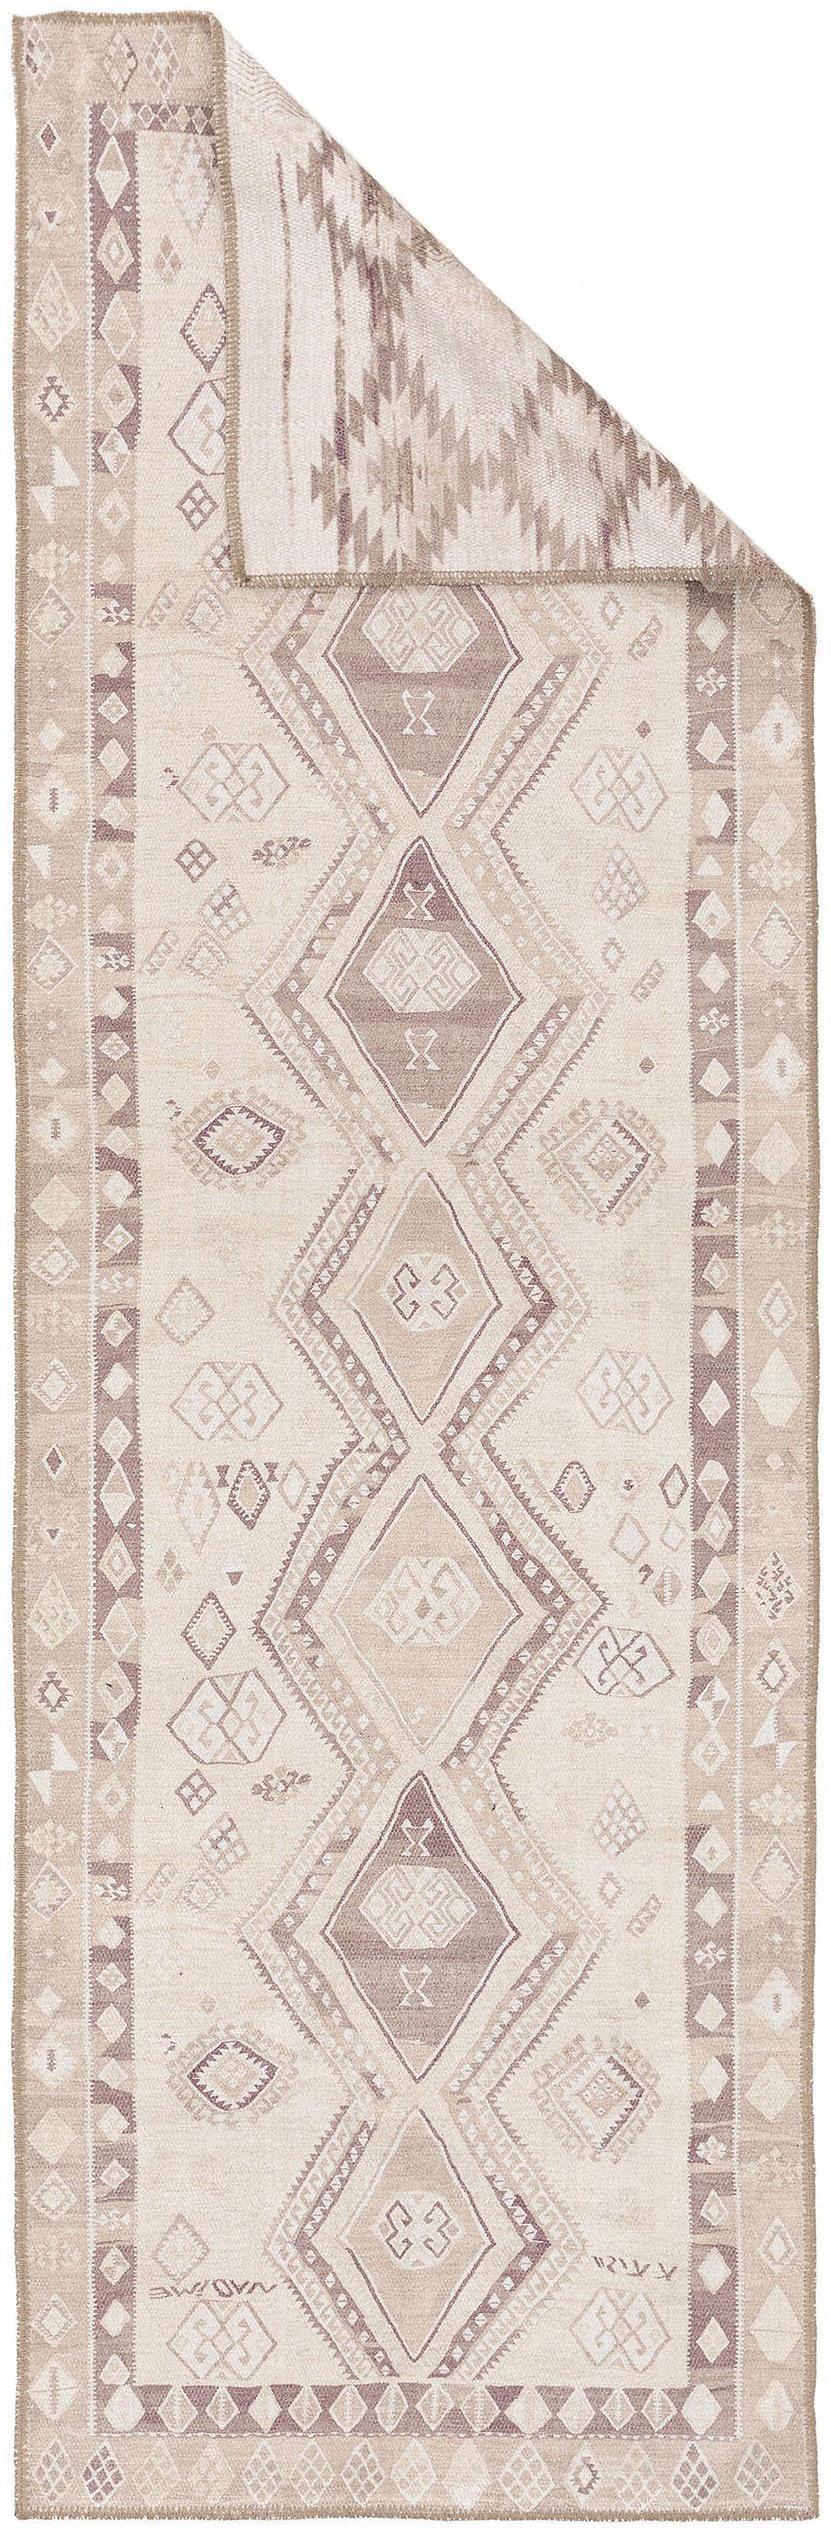 Dubbelzijdige loper Kelim Ana Aztec met ethnopatroon in beige, 80% polyester 20% katoen, Beige, taupe, 75 x 230 cm